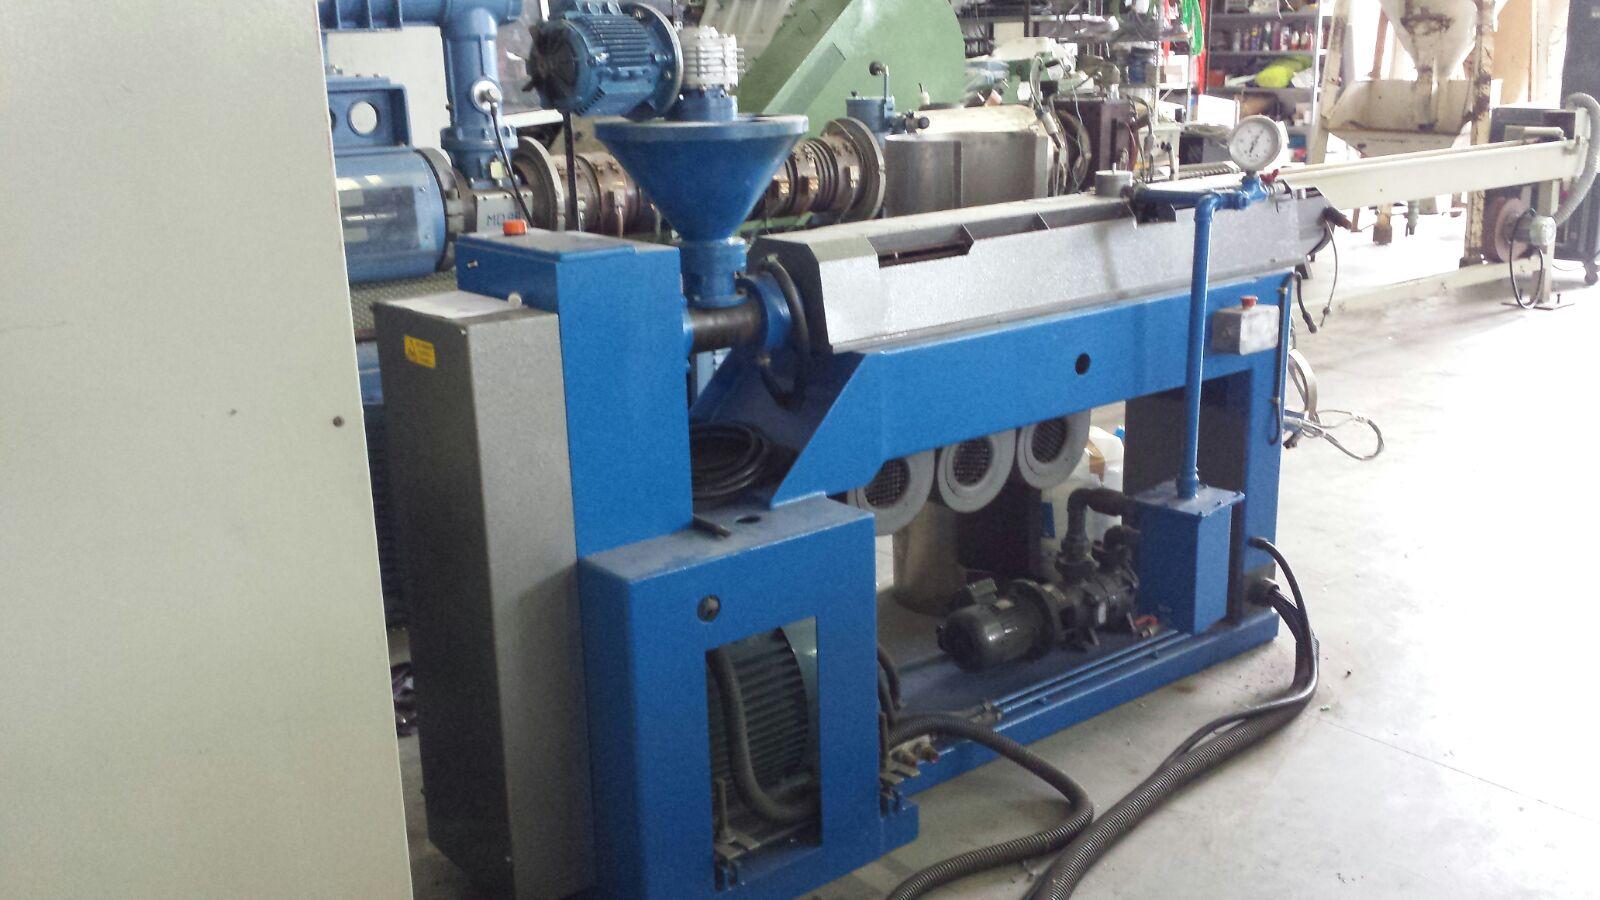 Macchina di riciclaggio di plastica prealpina 60 mm for Macchinari pellet usati